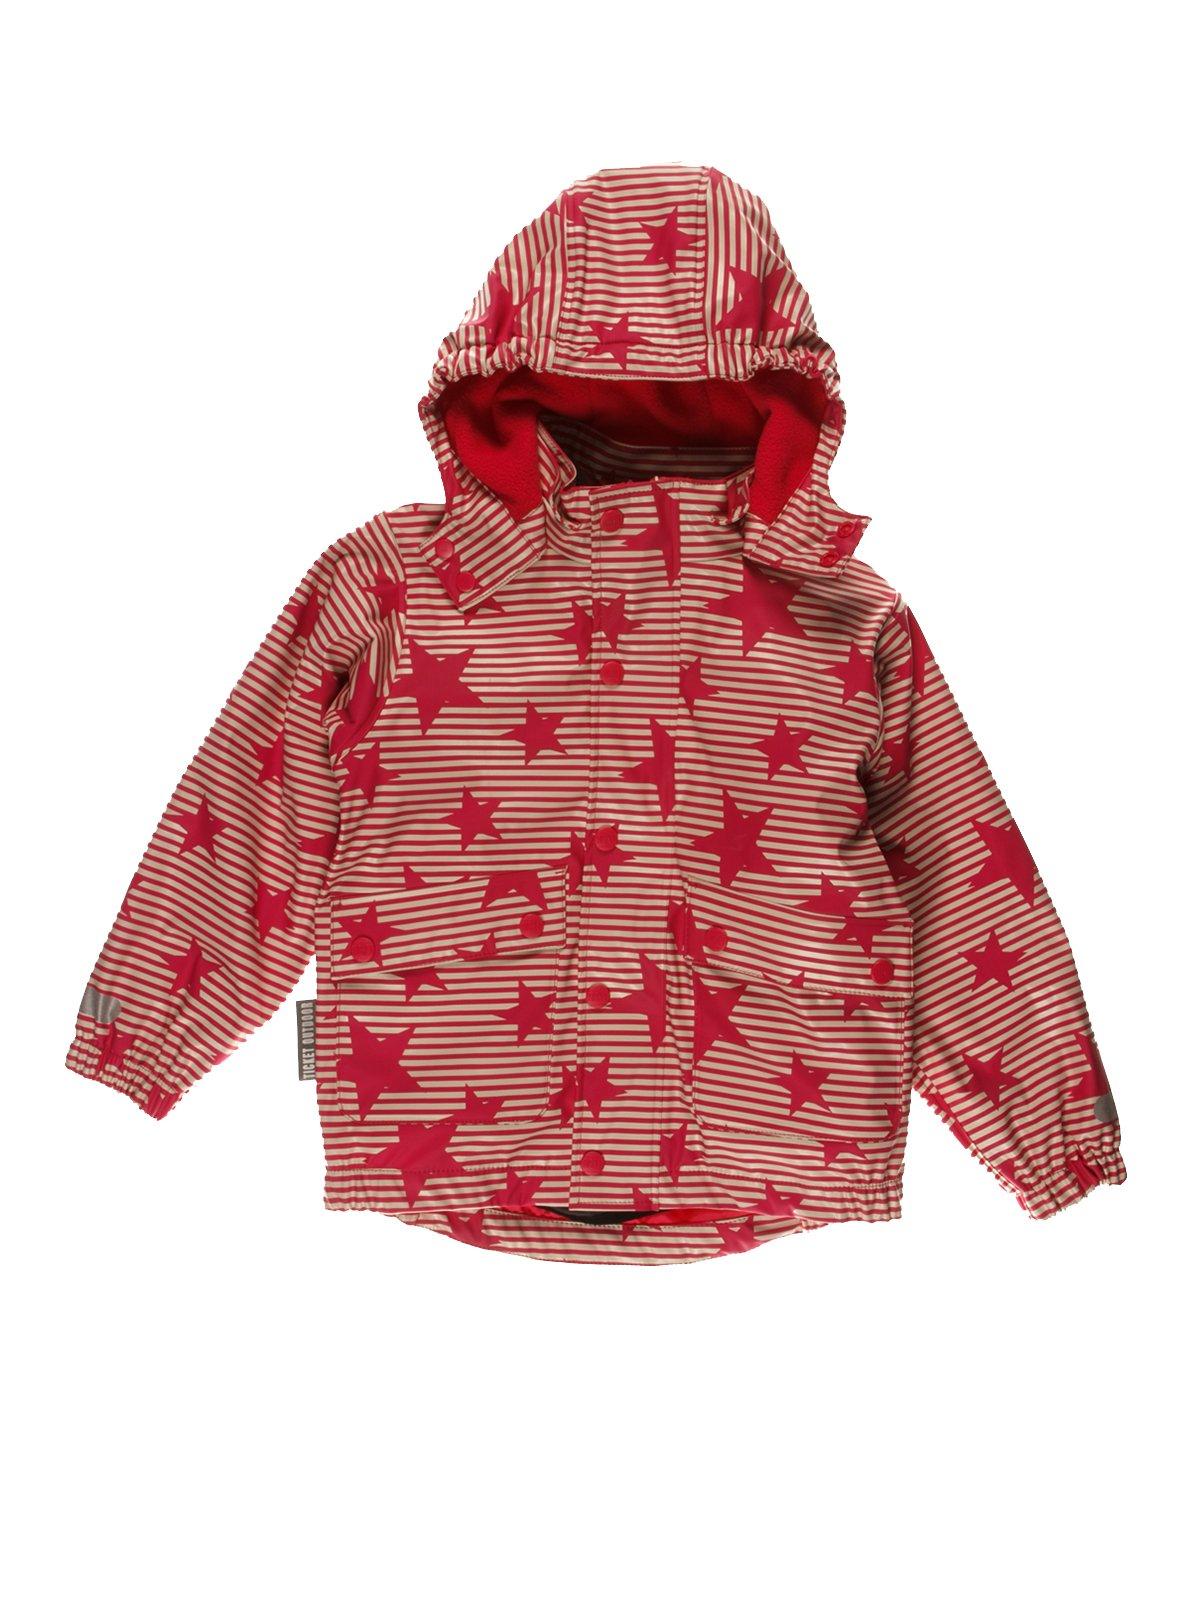 Термокуртка красная в полоску и звезды | 3878996